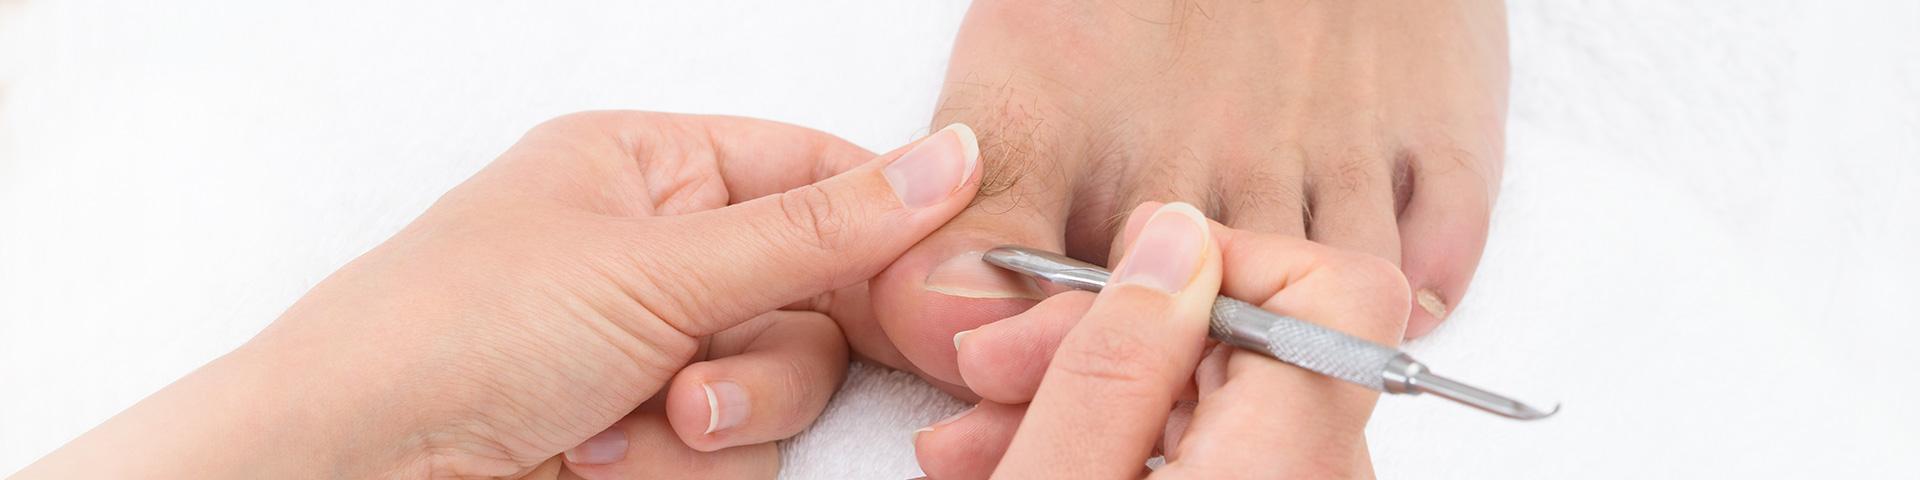 Frauenhand mit Instrument entfernt an einem Männerfuß überschüssige Haut